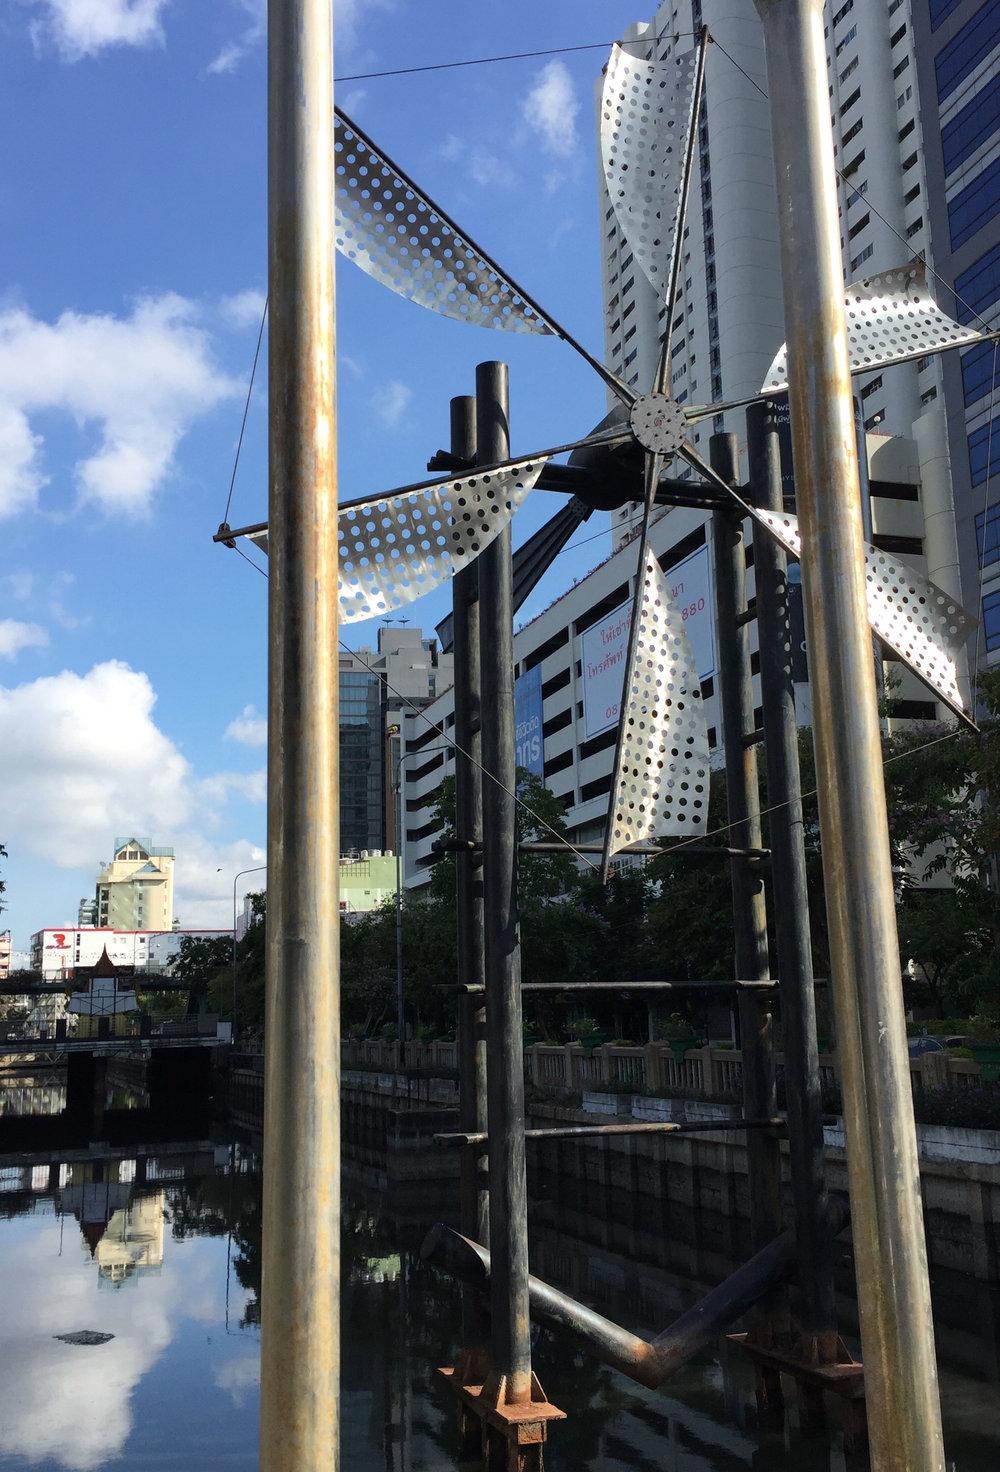 Si Lom (The Windmill)